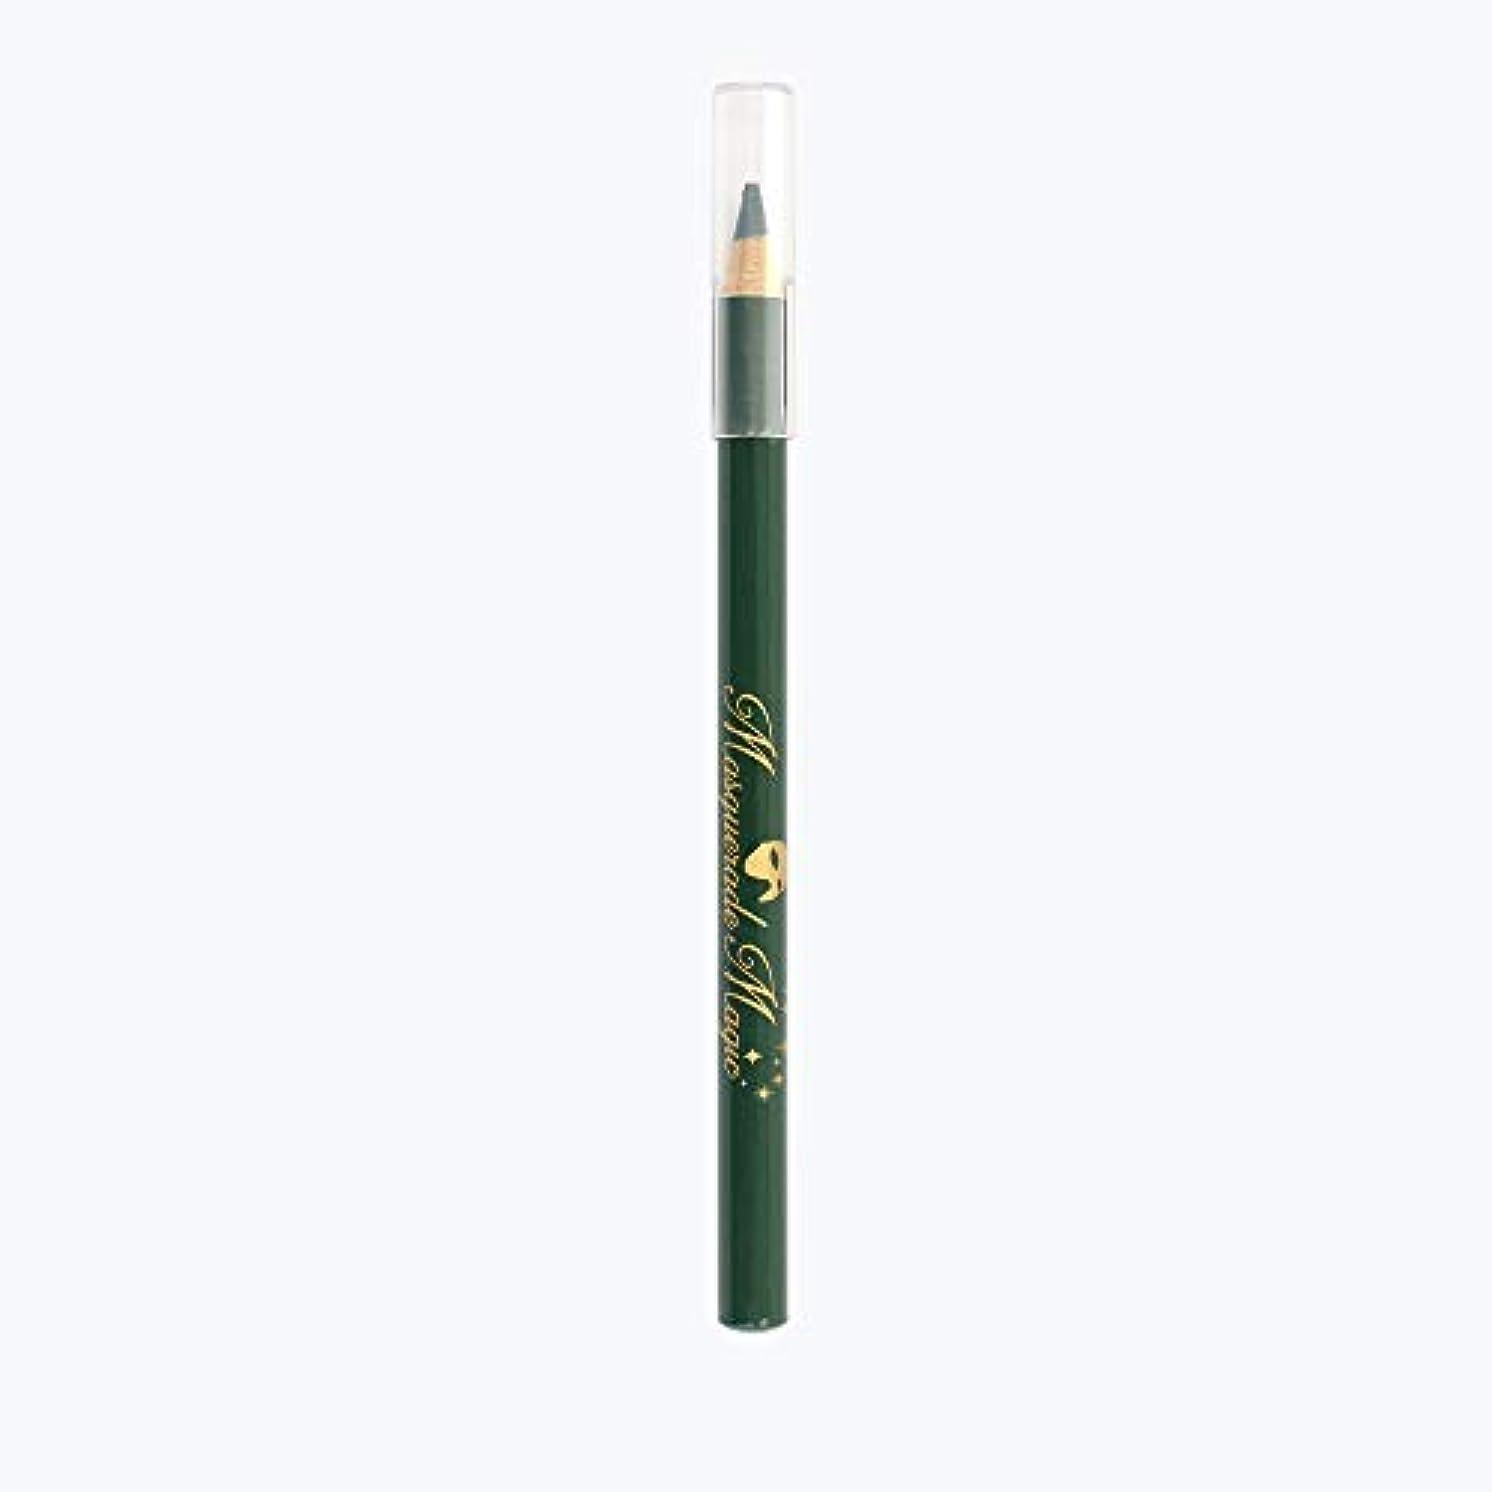 同種の適合しました資料マスカレイド カラフルアイブロウ A080 モスグリーン 濃い目の緑 コスプレ